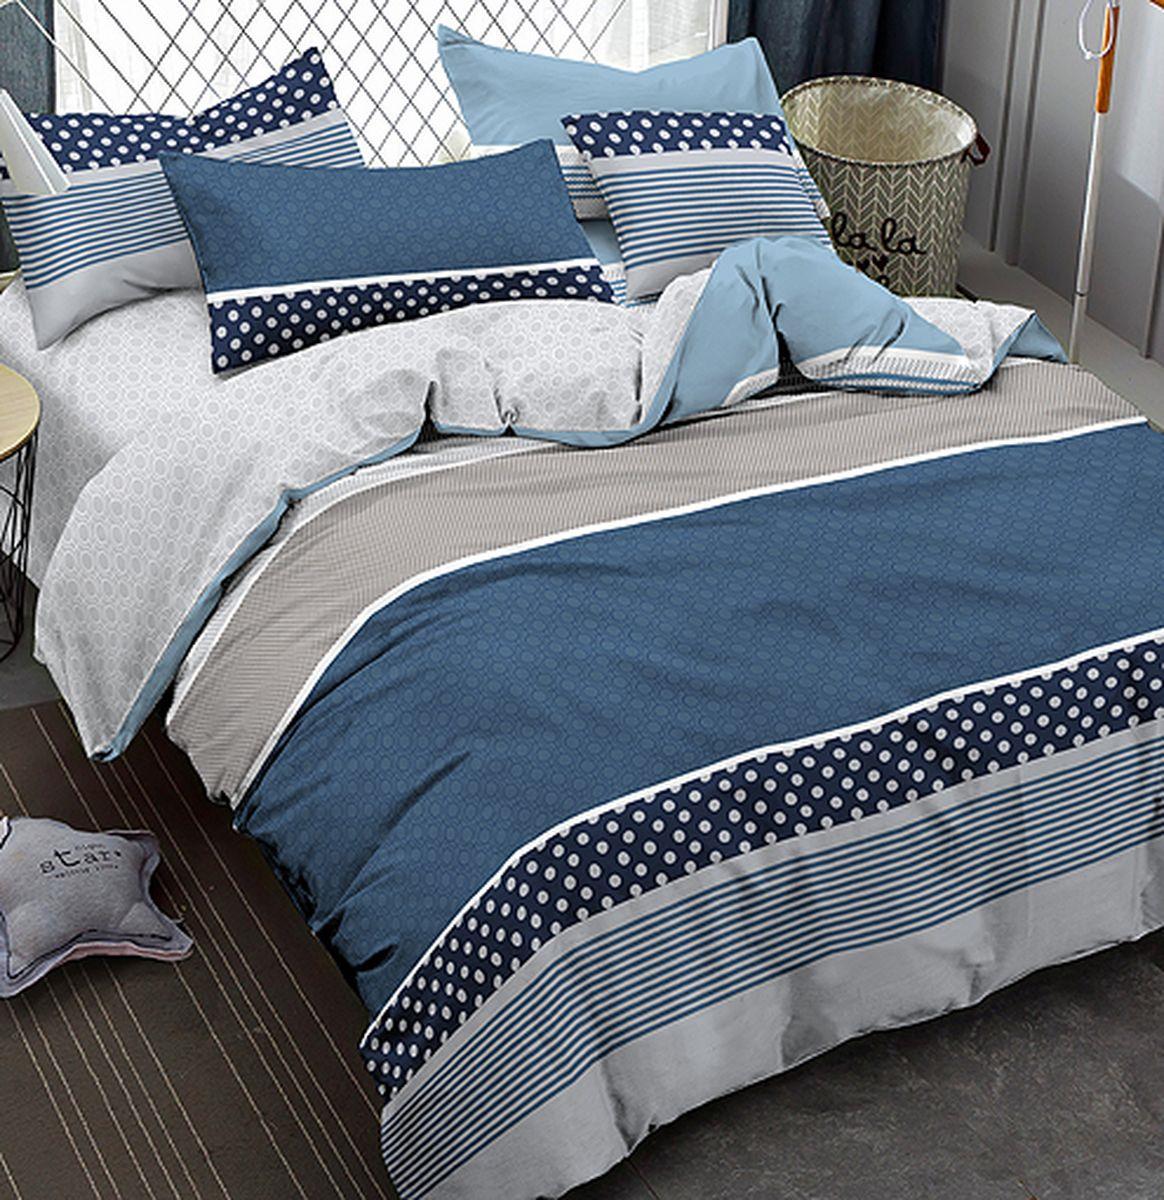 Комплект белья Amore Mio Gold Bulat, 7561, синий, 2-спальный, наволочки 70x70